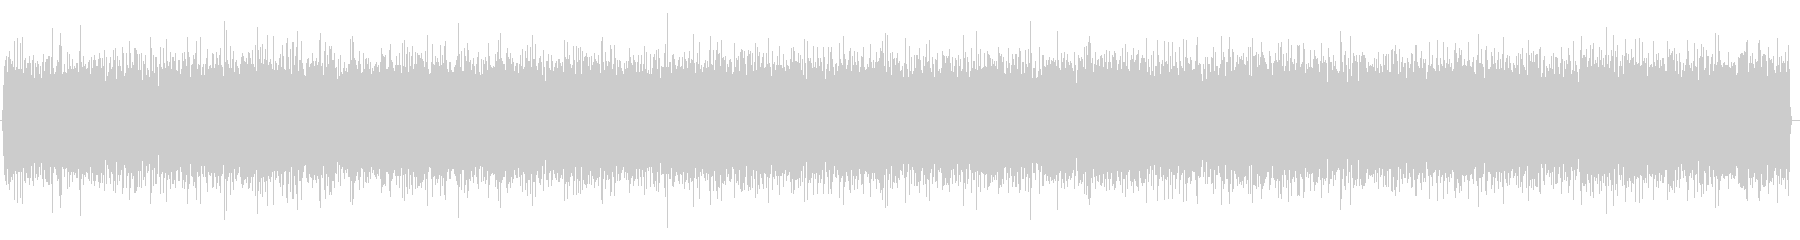 映写機01-4の未再生の波形